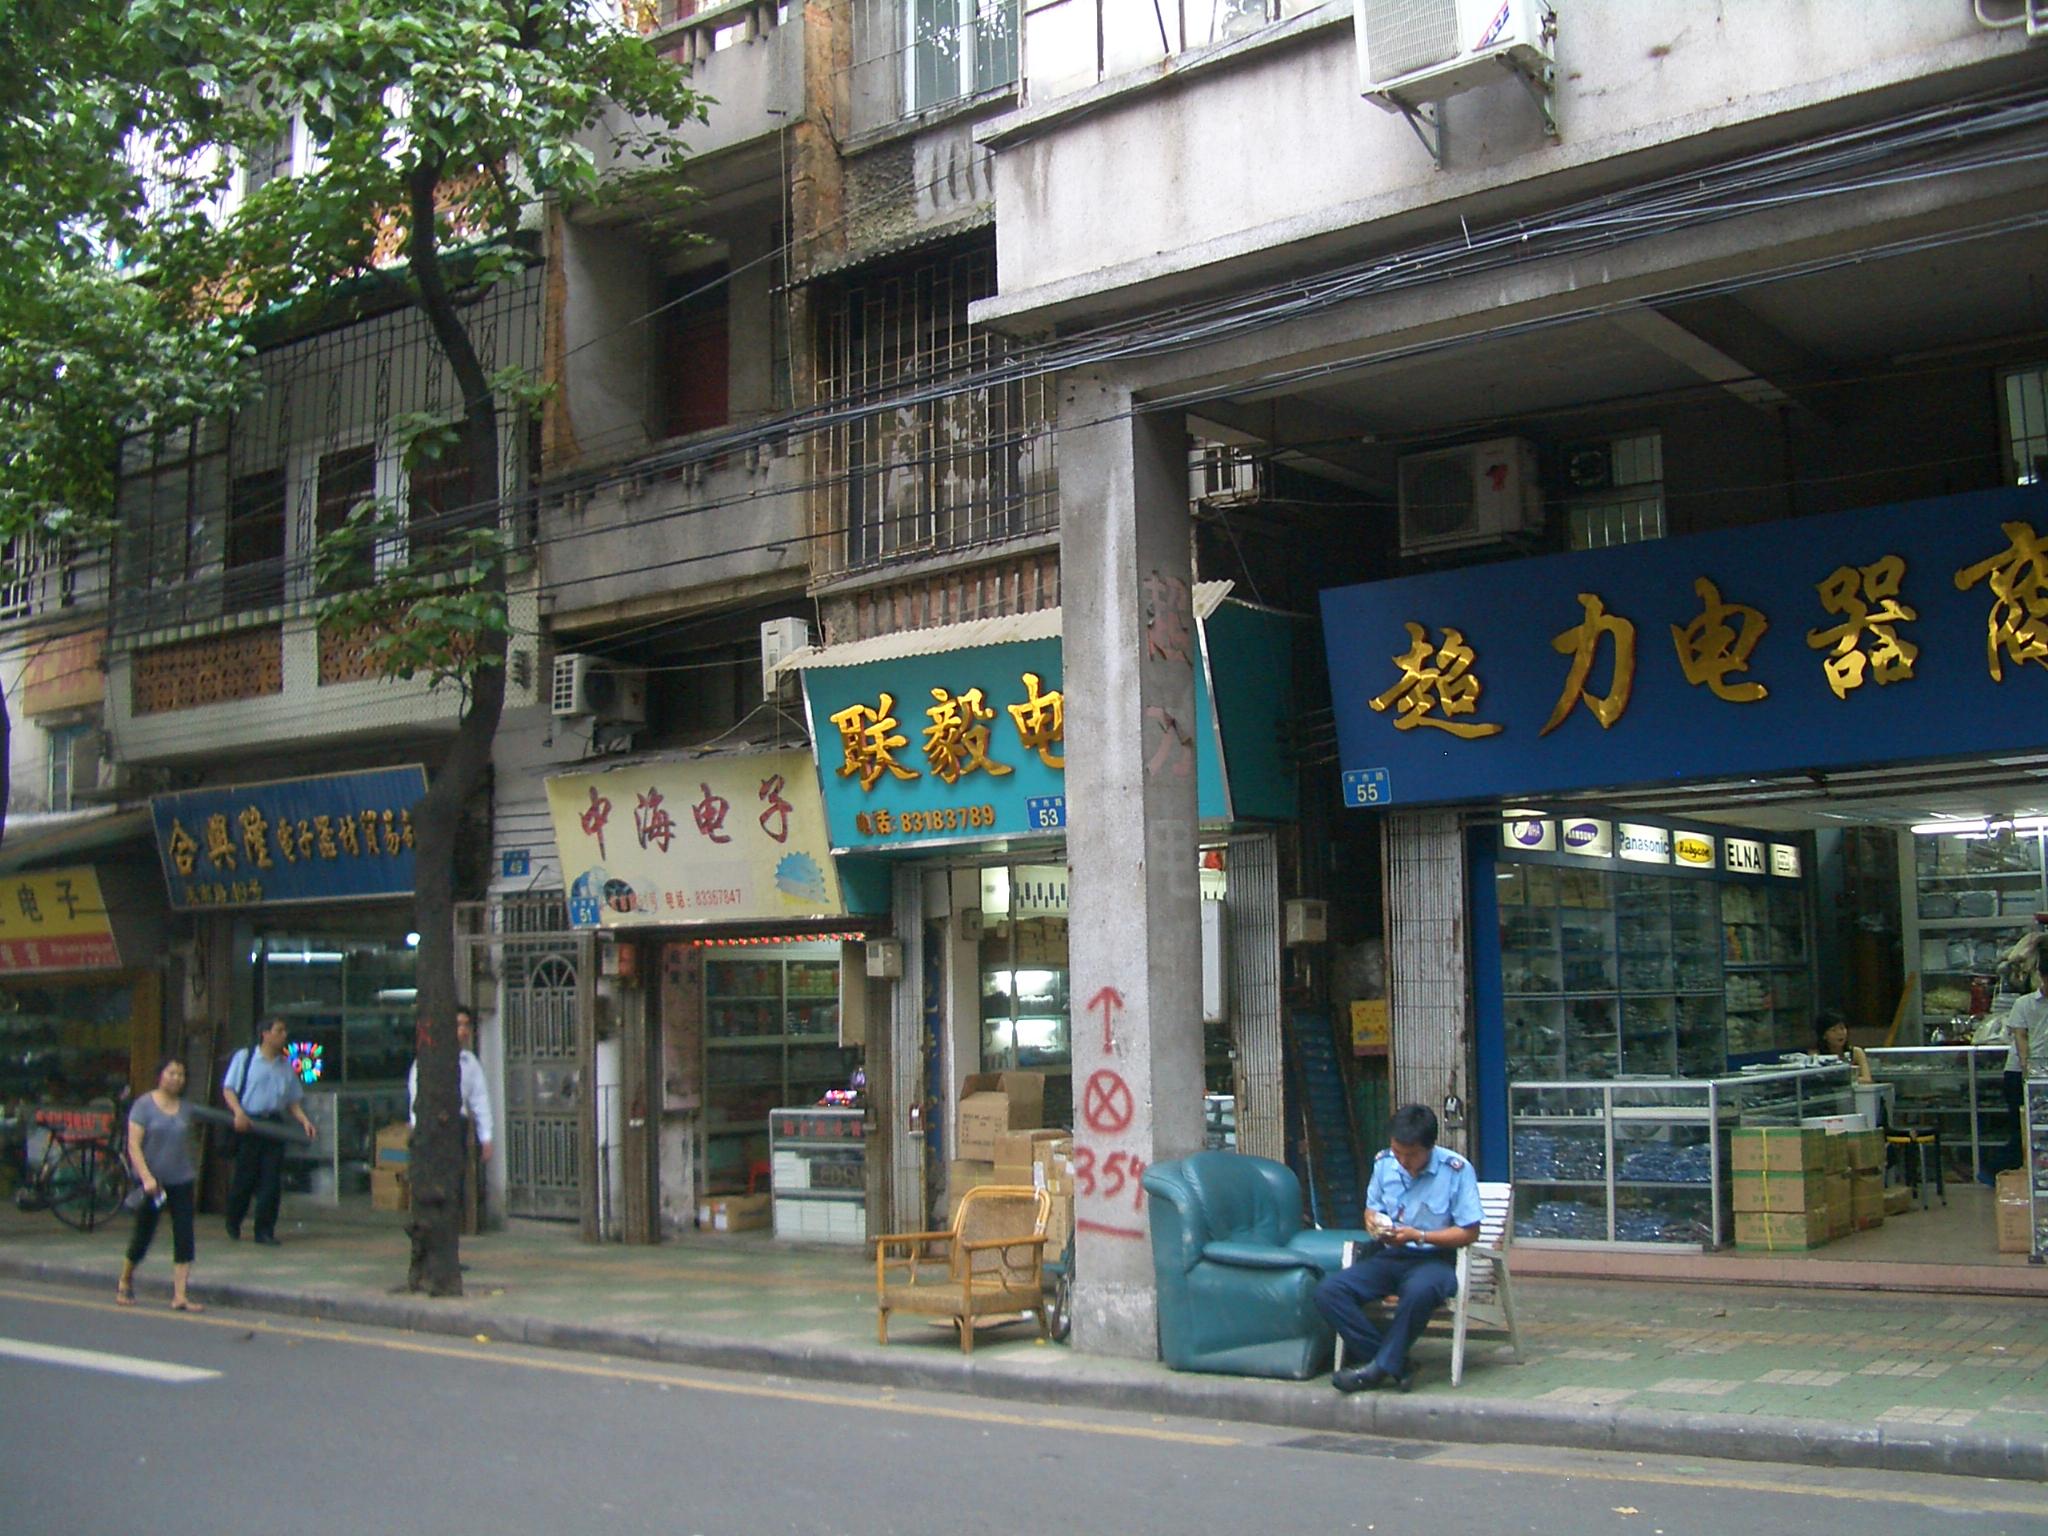 File:Guangzhou-electronic-components-shop-0479 jpg - Wikimedia Commons